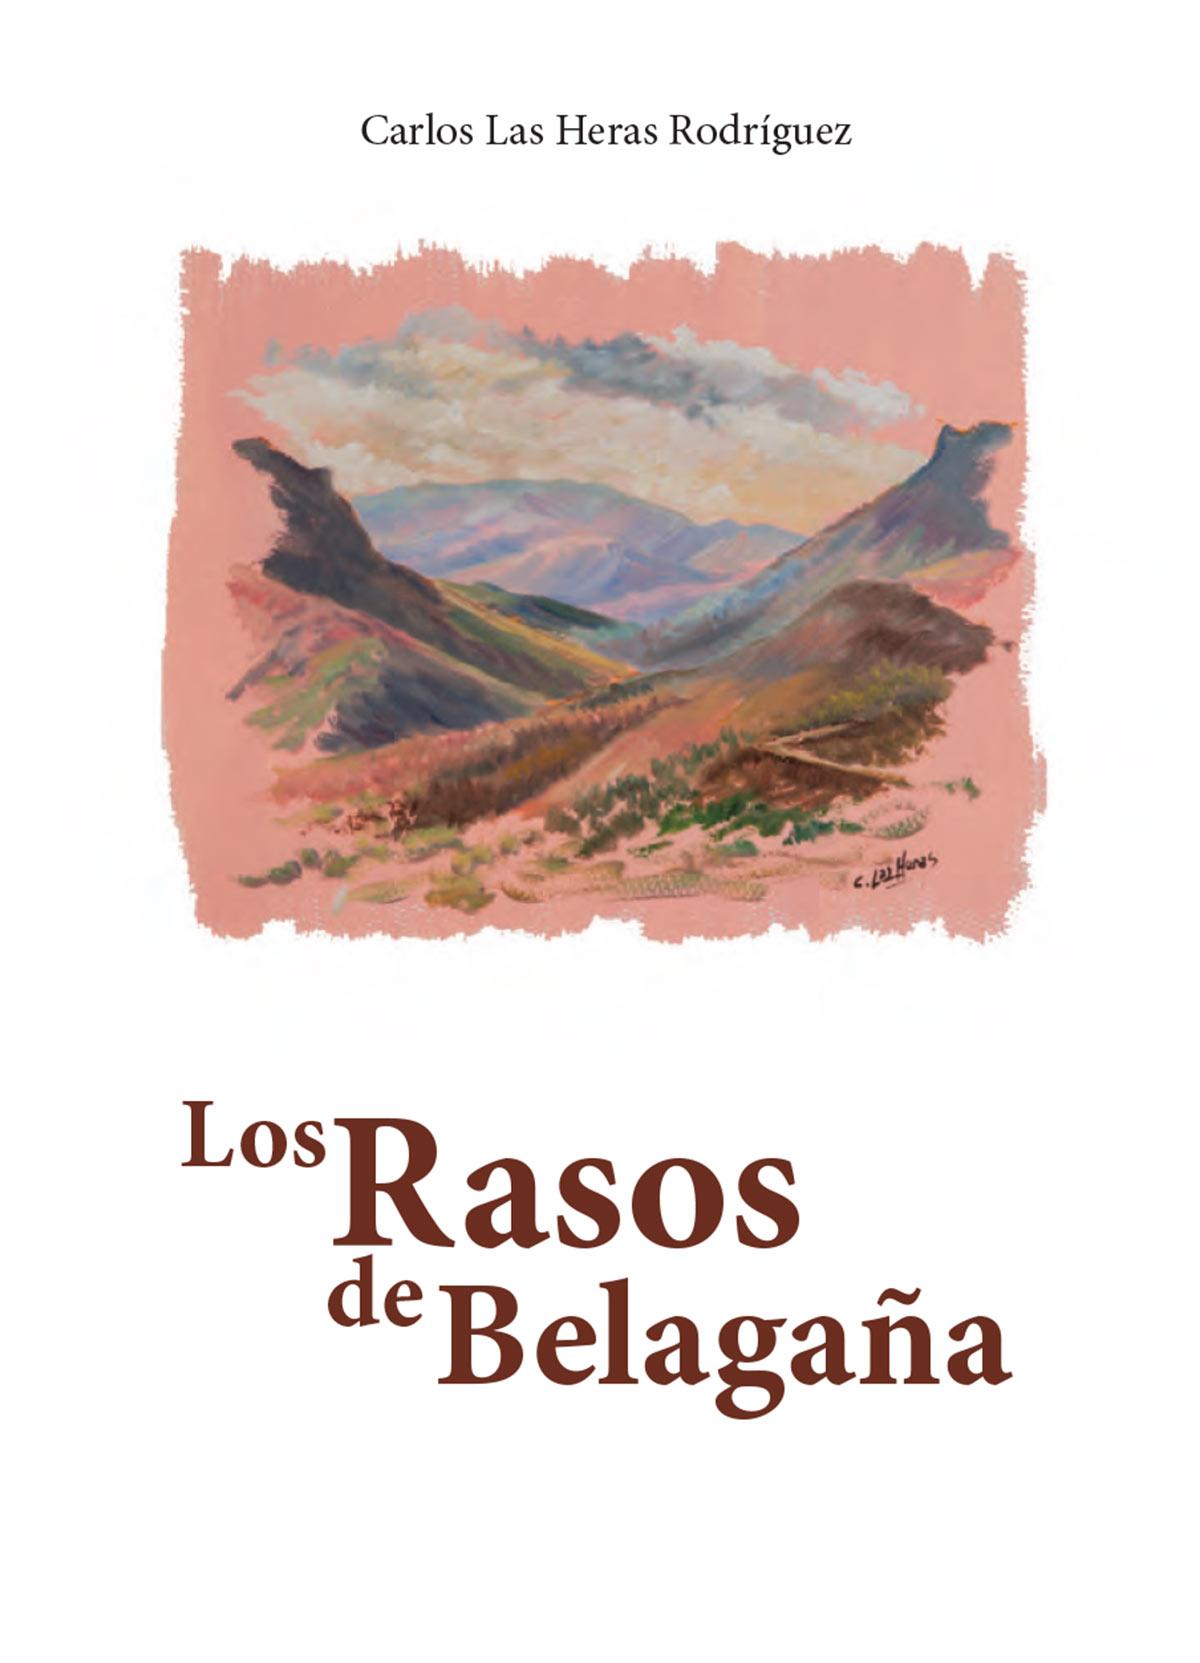 Novela Rasos Belagaña Carlos Las Heras Rodríguez editorial Semuret